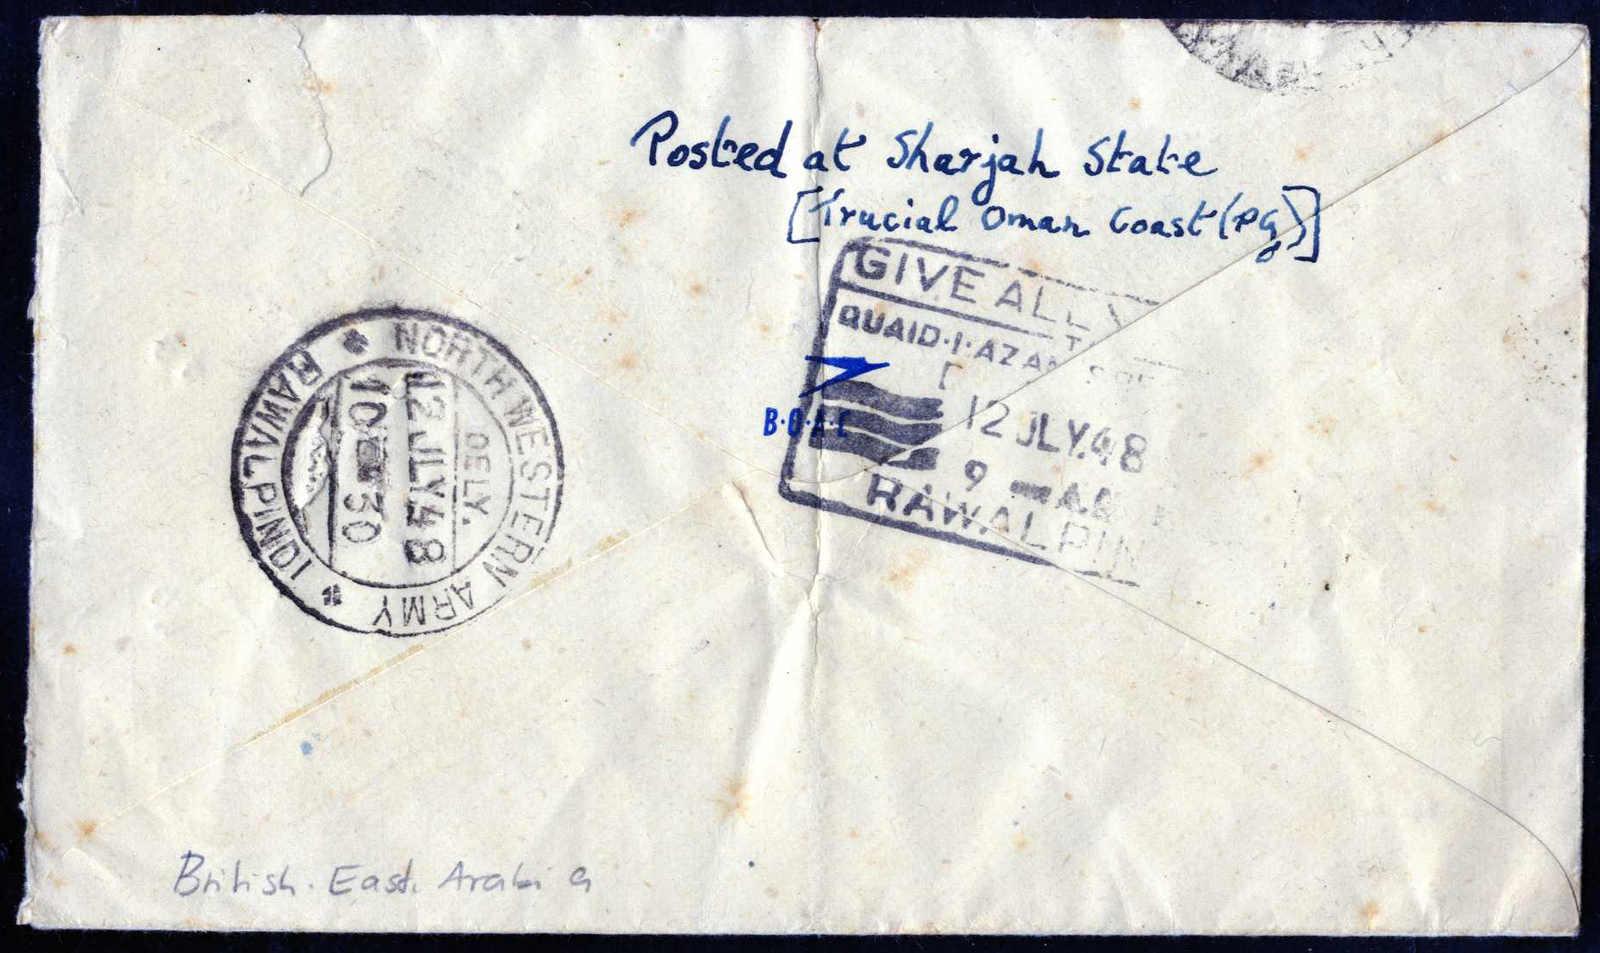 Lot 933 - andere gebiete Oman Britische Periode -  HA HARMERS AUCTIONS S.A. Treasure Hunt 3